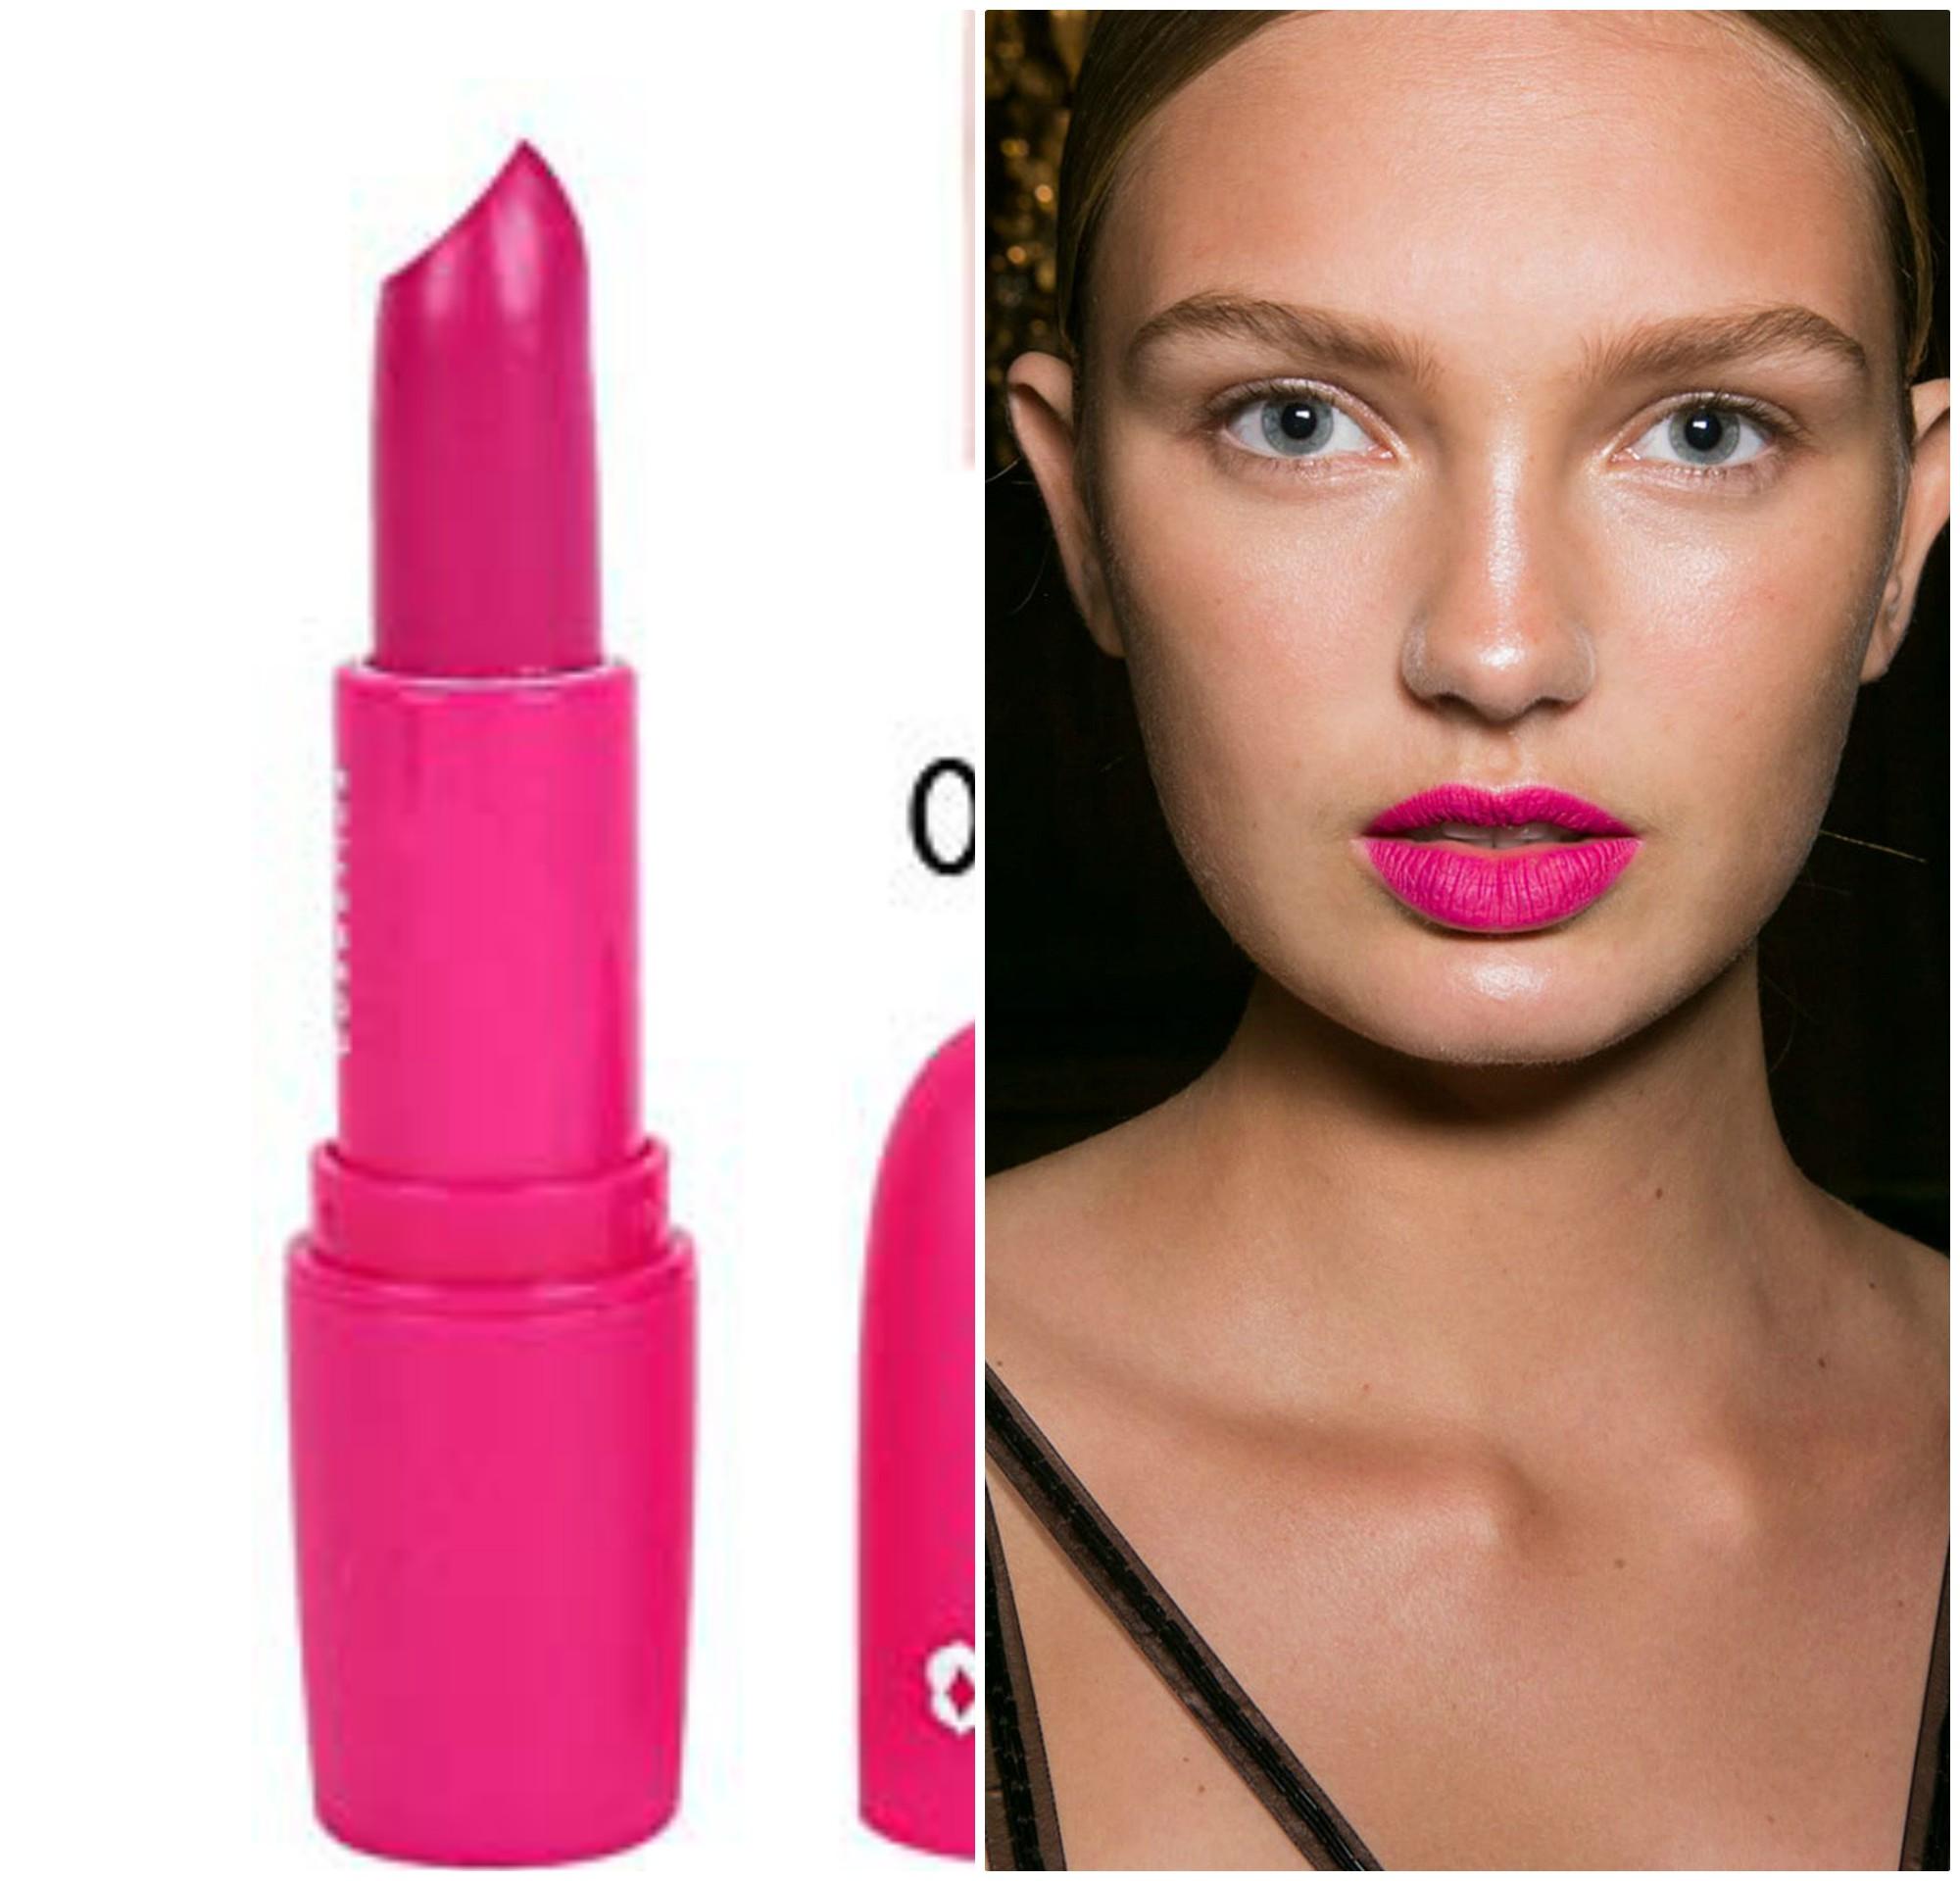 PunjabKesari, Nari, Charming pink Lipstick image